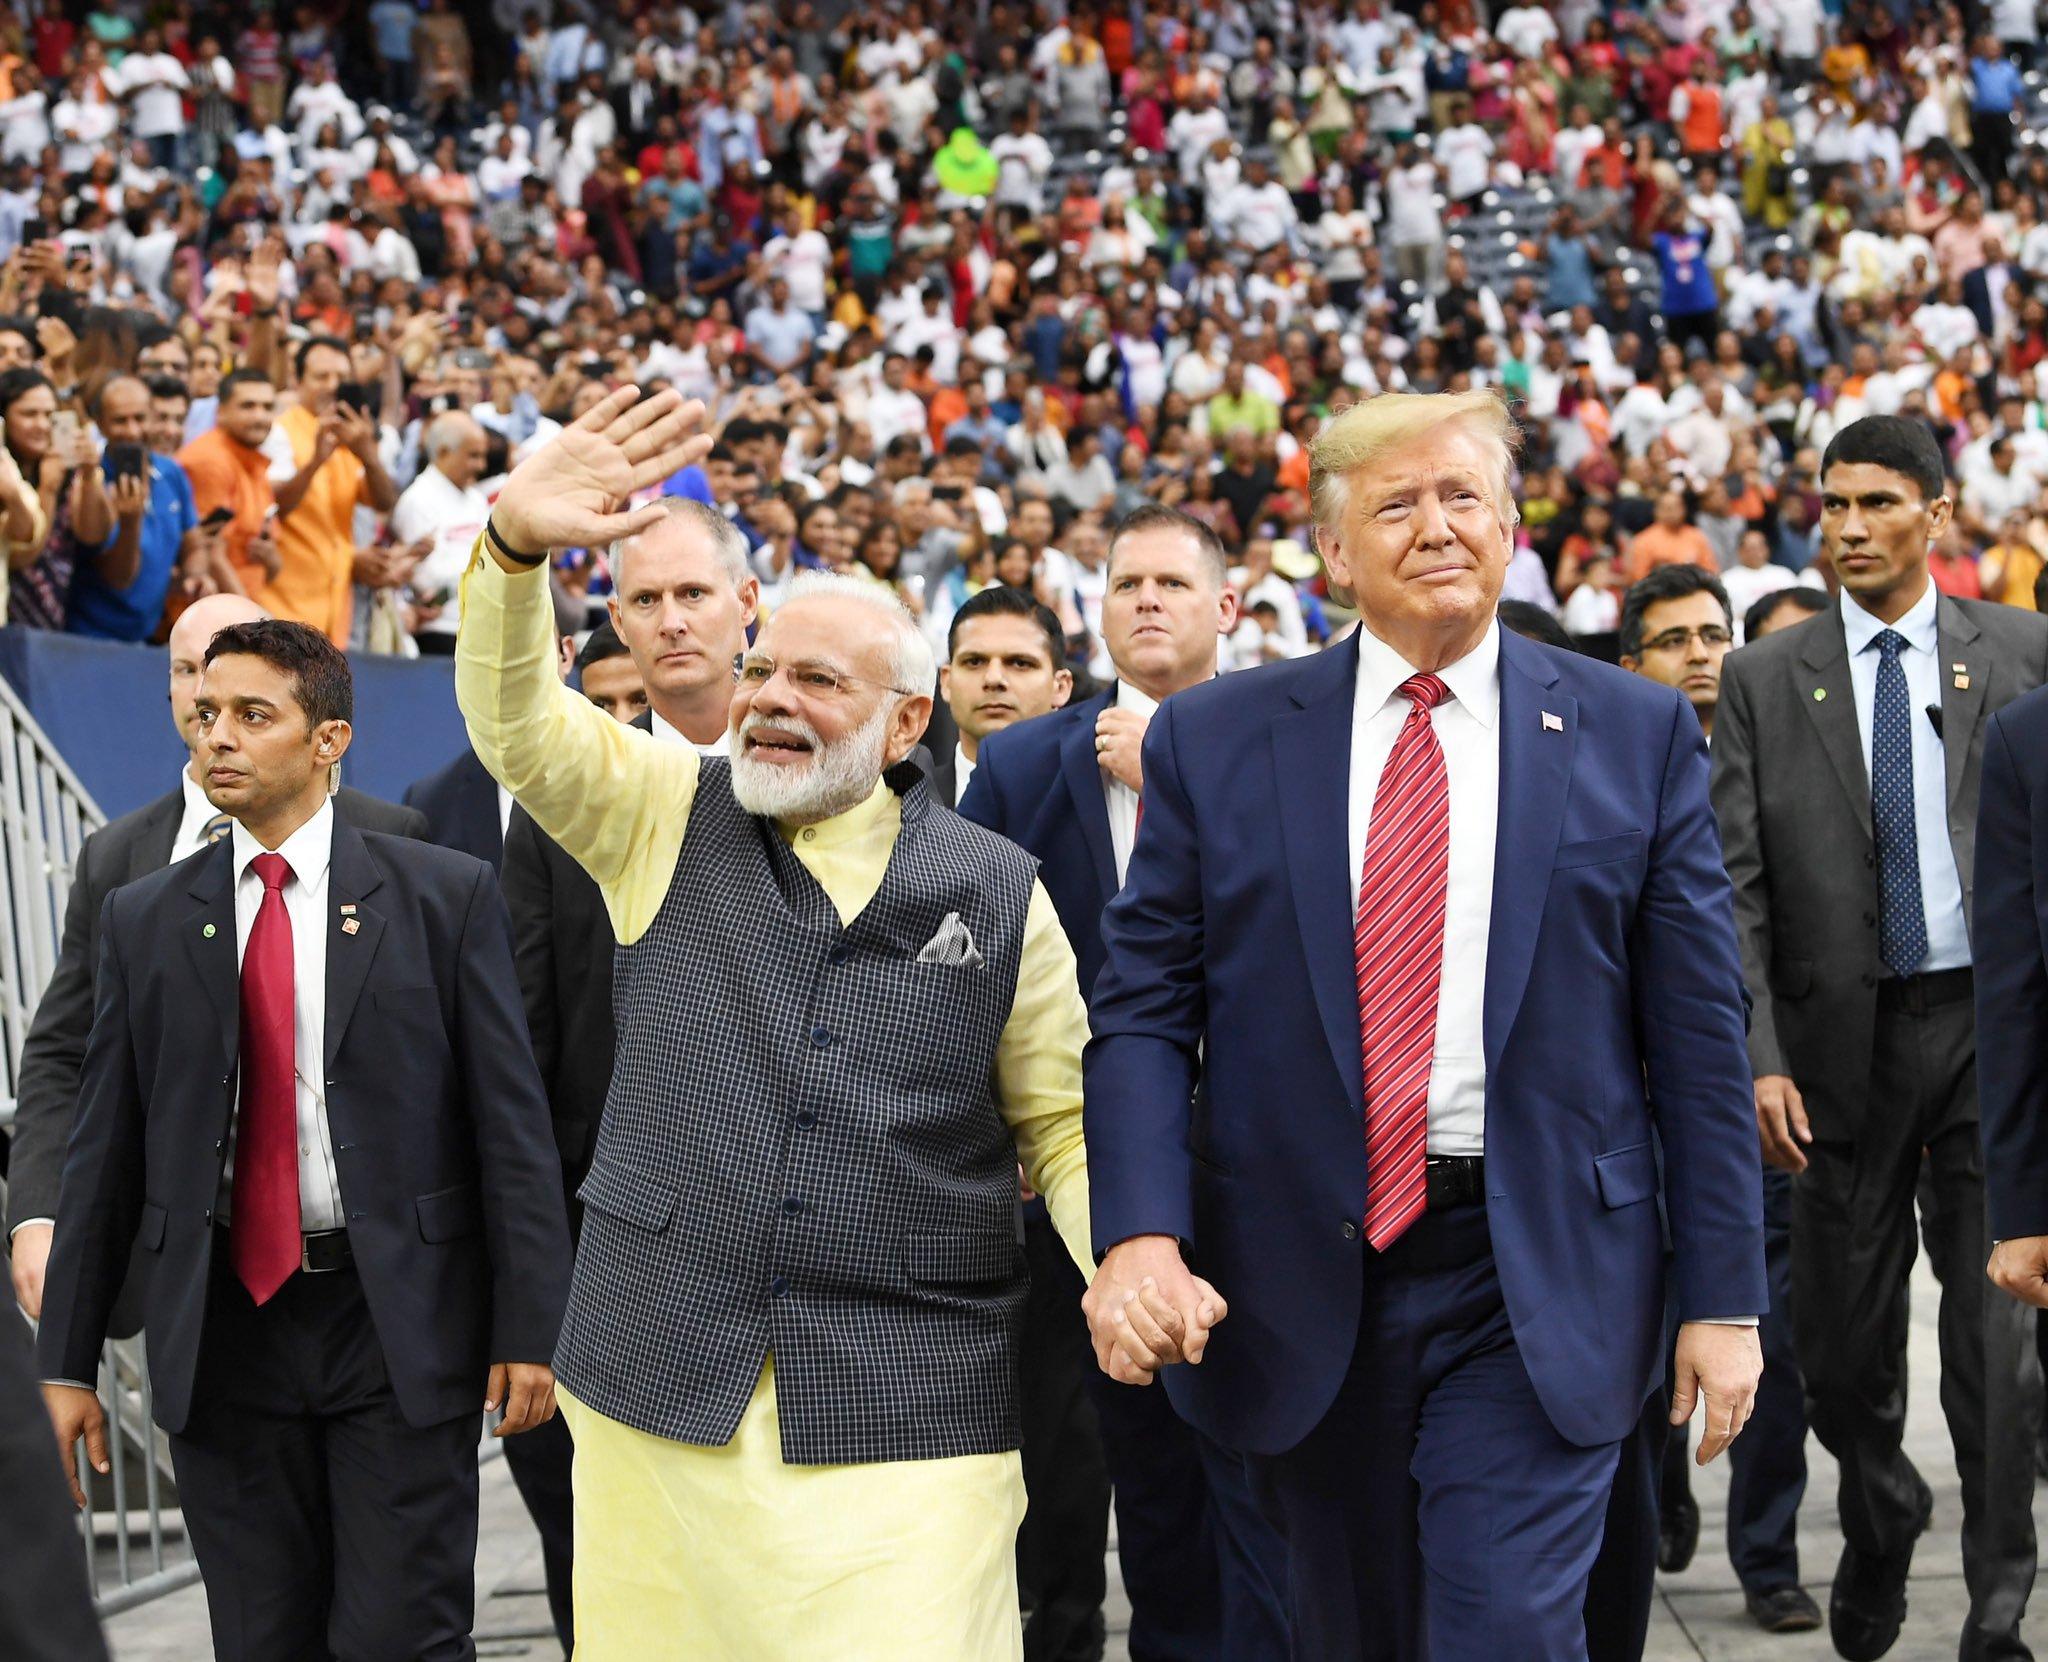 Narendra Modi and Donald Trump at the 'Howdy, Modi' event in Houston. Photo courtesy: Twitter/@narendramodi